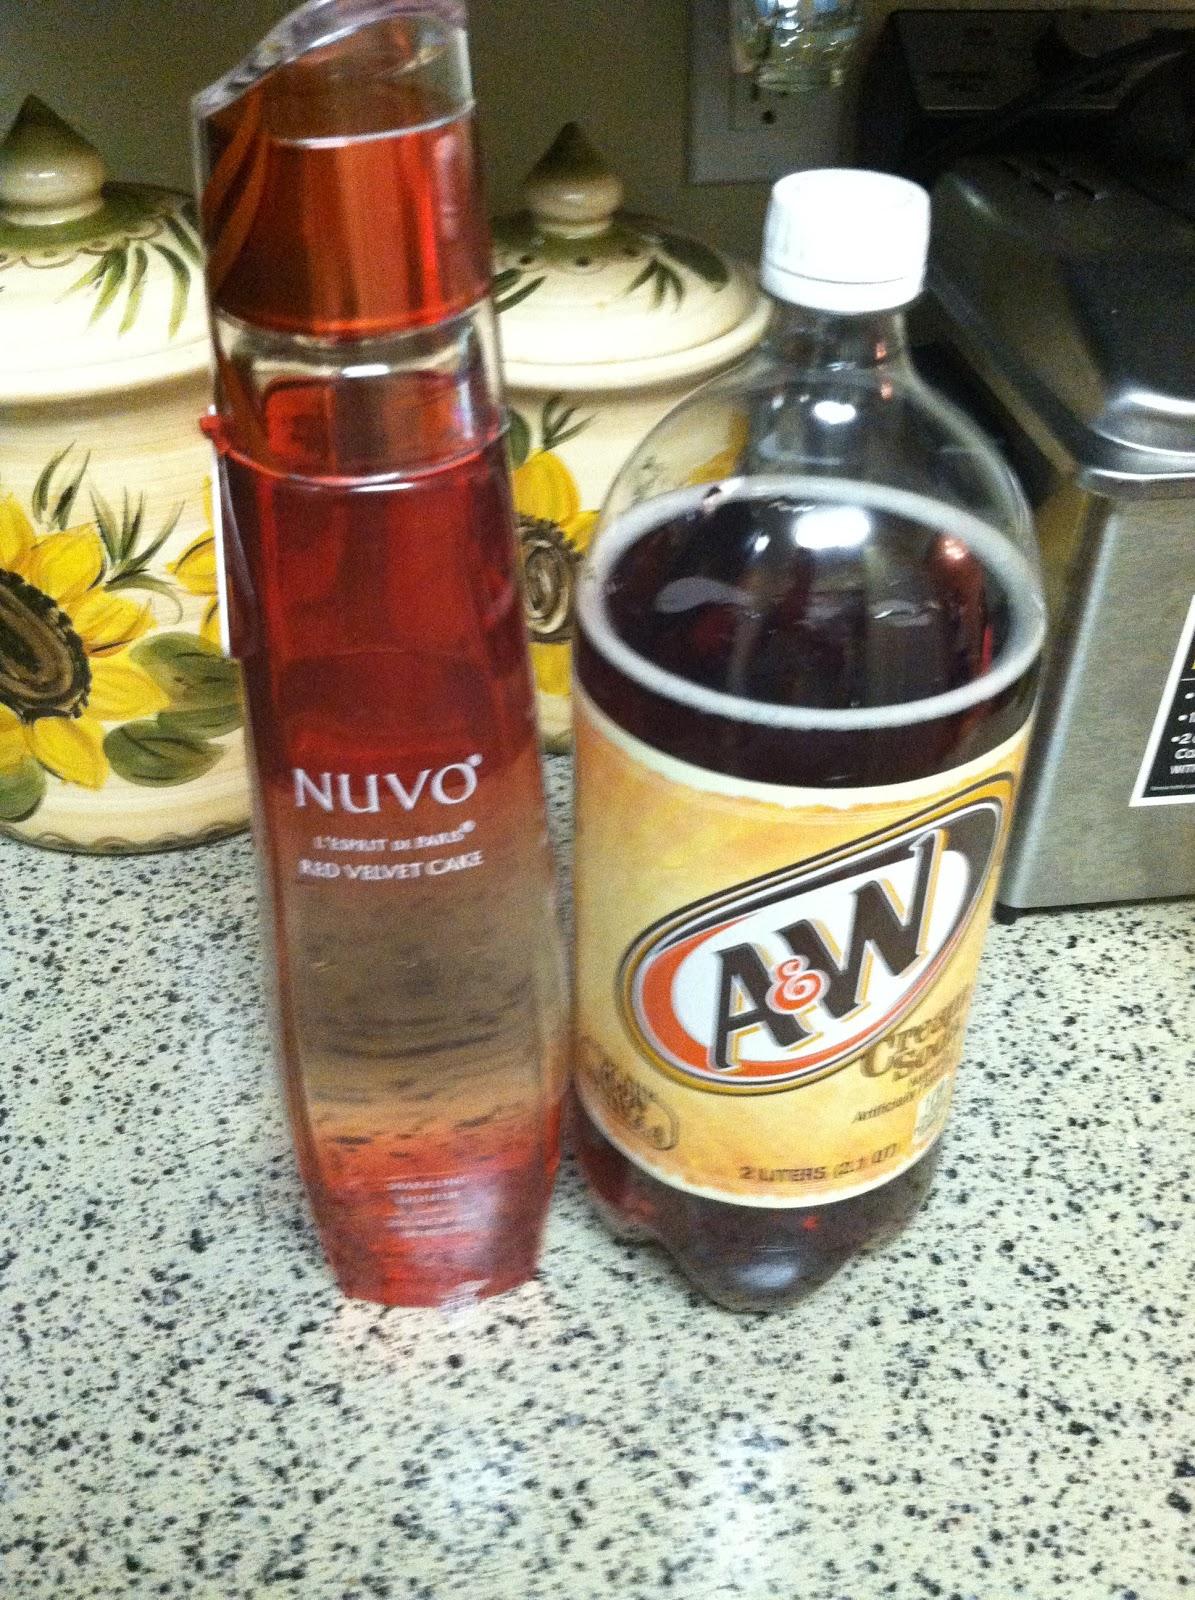 Nuvo Red Velvet Cake Liquor